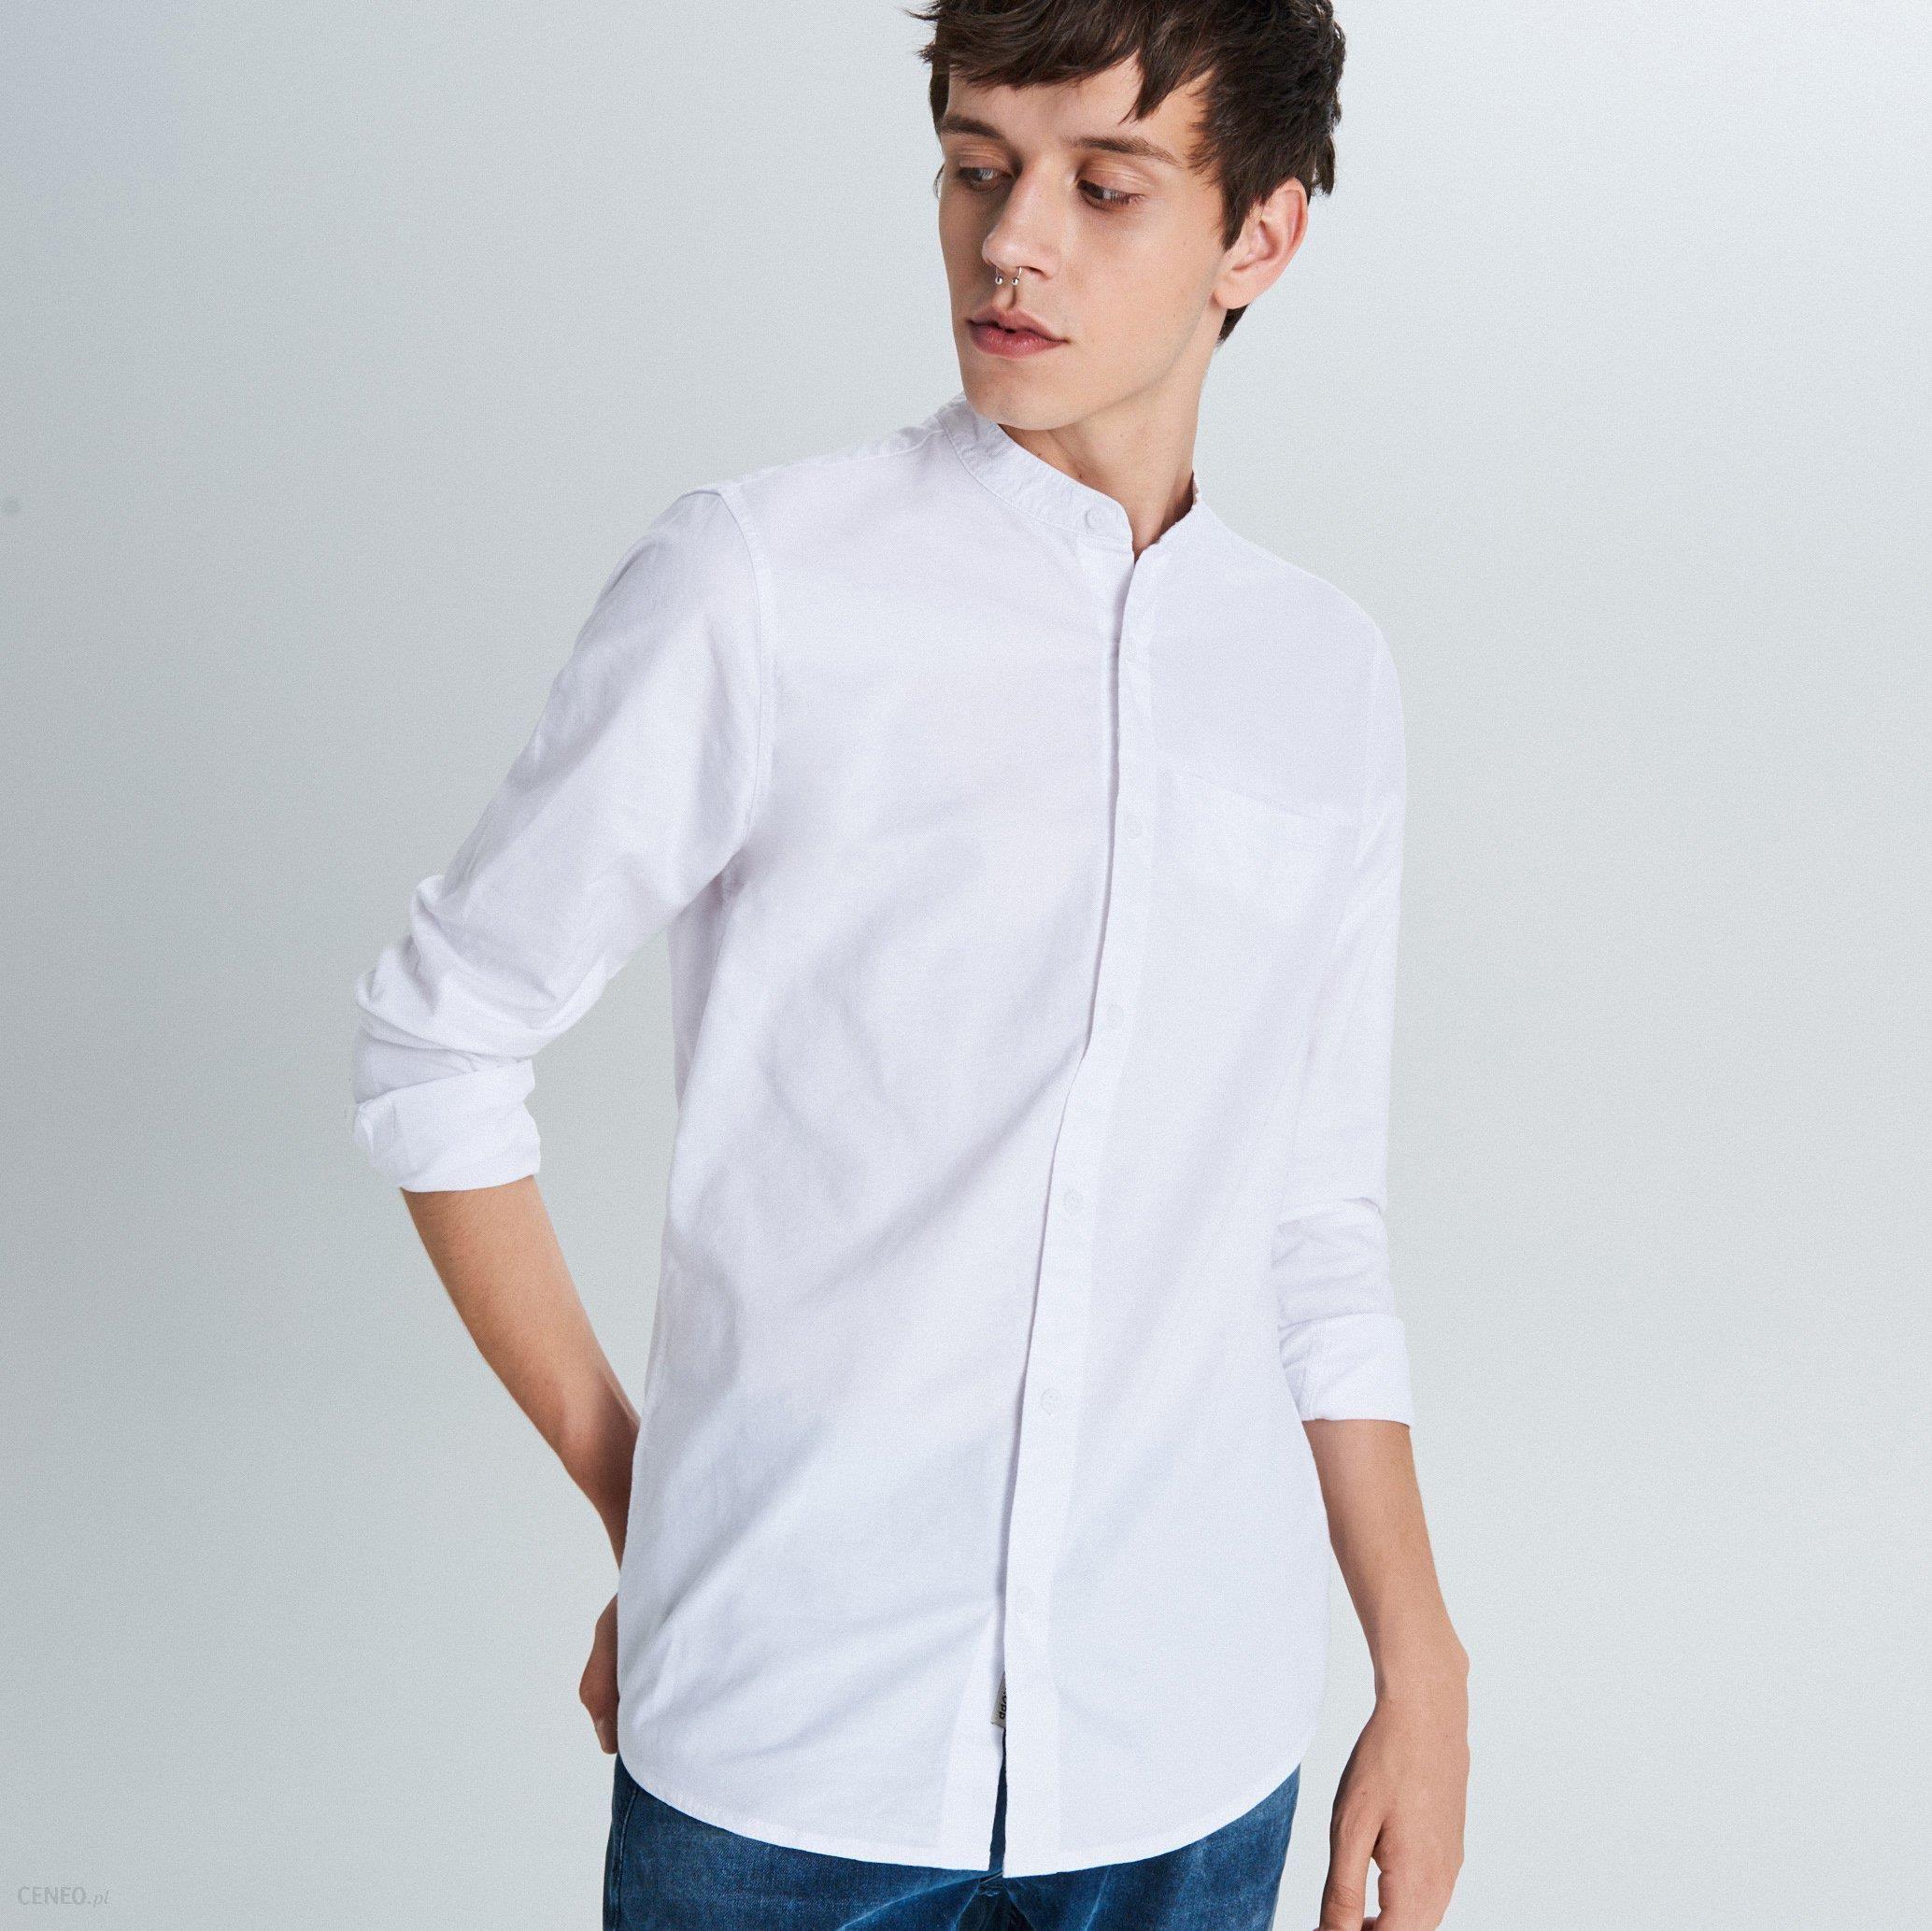 Cropp Gładka koszula typu collar band Biały Ceny i  cmrWH